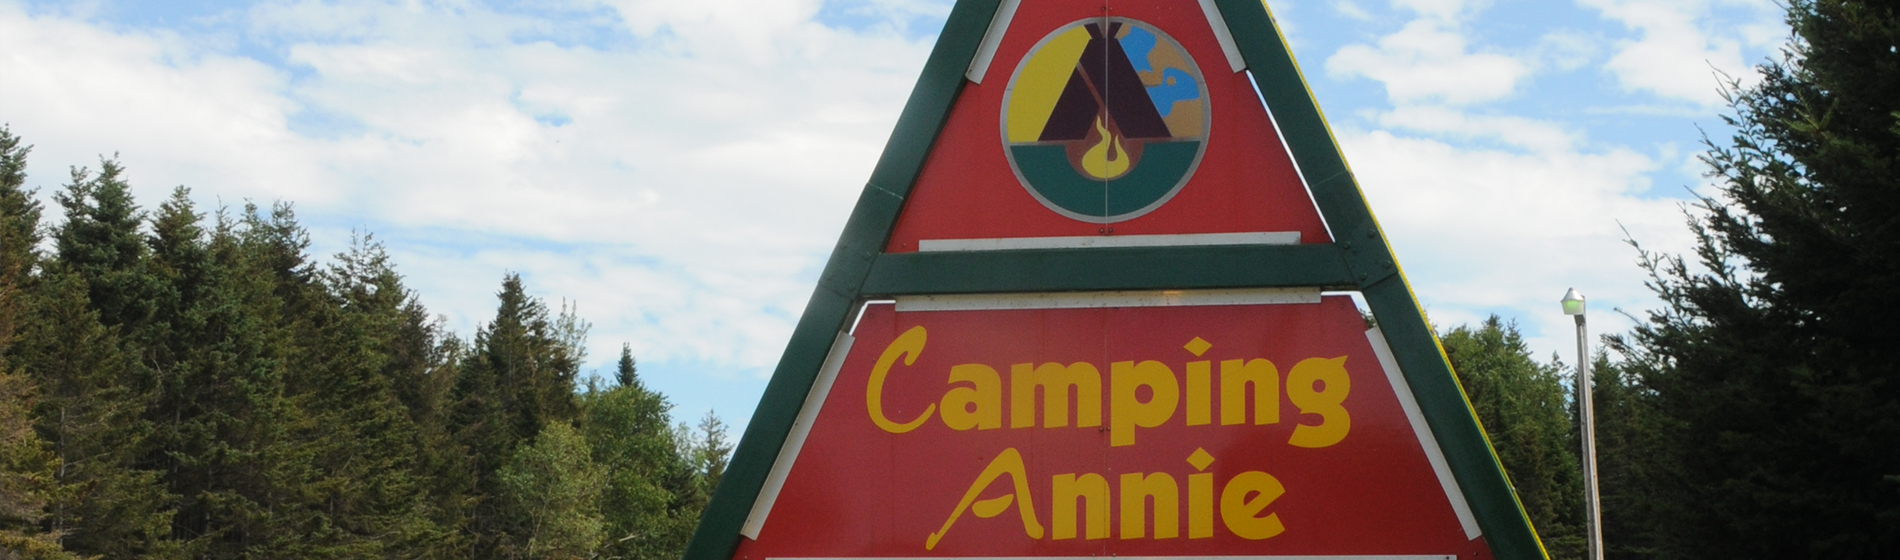 Contactez l'équipe du Camping Annie en Gaspésie